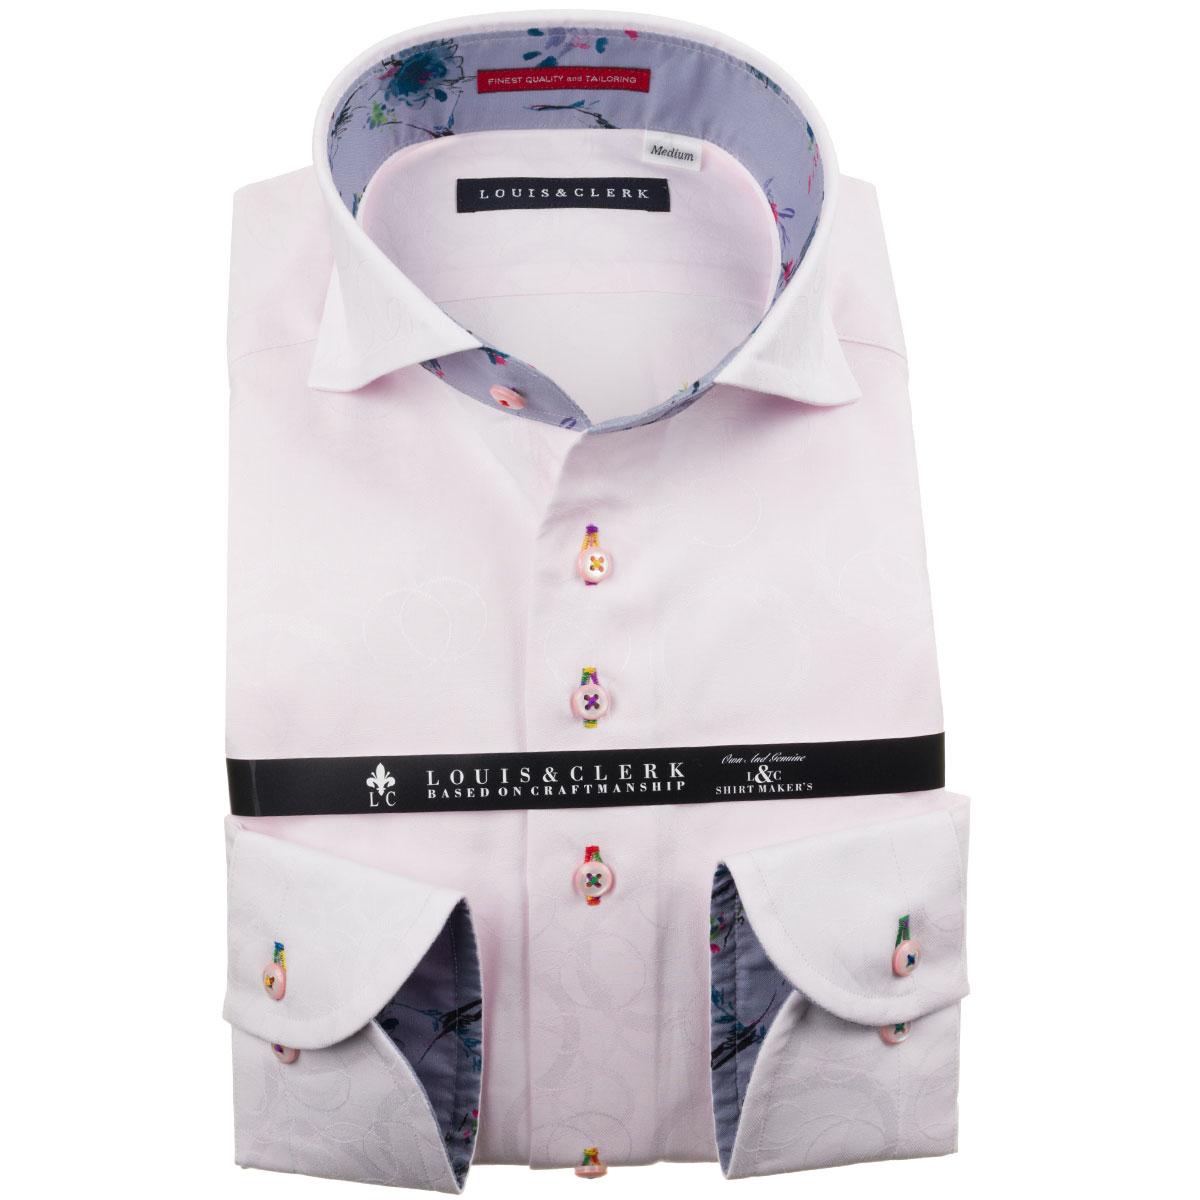 ドレスシャツ ワイシャツ シャツ メンズ 国産 長袖 純綿100% コンフォート カッタウェイワイド ライトピンク ジャガード織シャボン玉柄 1910 fs3gm